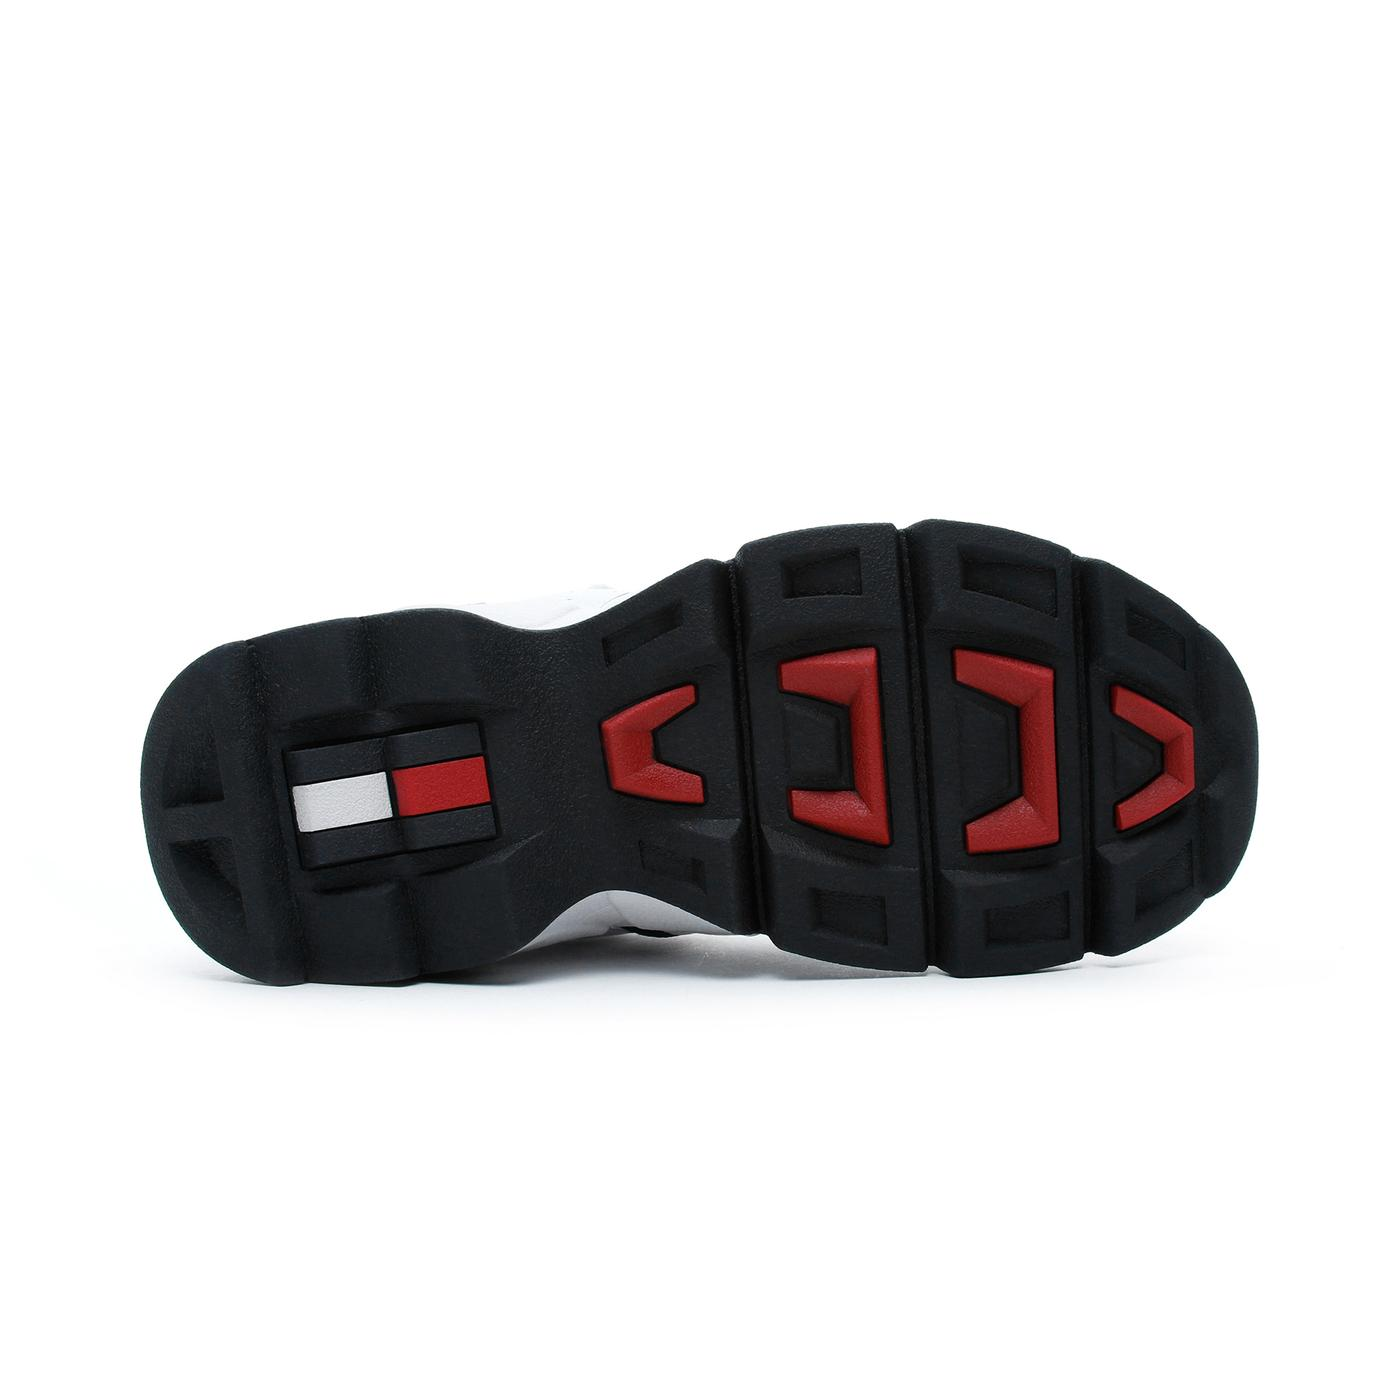 Tommy Hilfiger Chunky Heritage Kadın Beyaz-Kırmızı Spor Ayakkabı